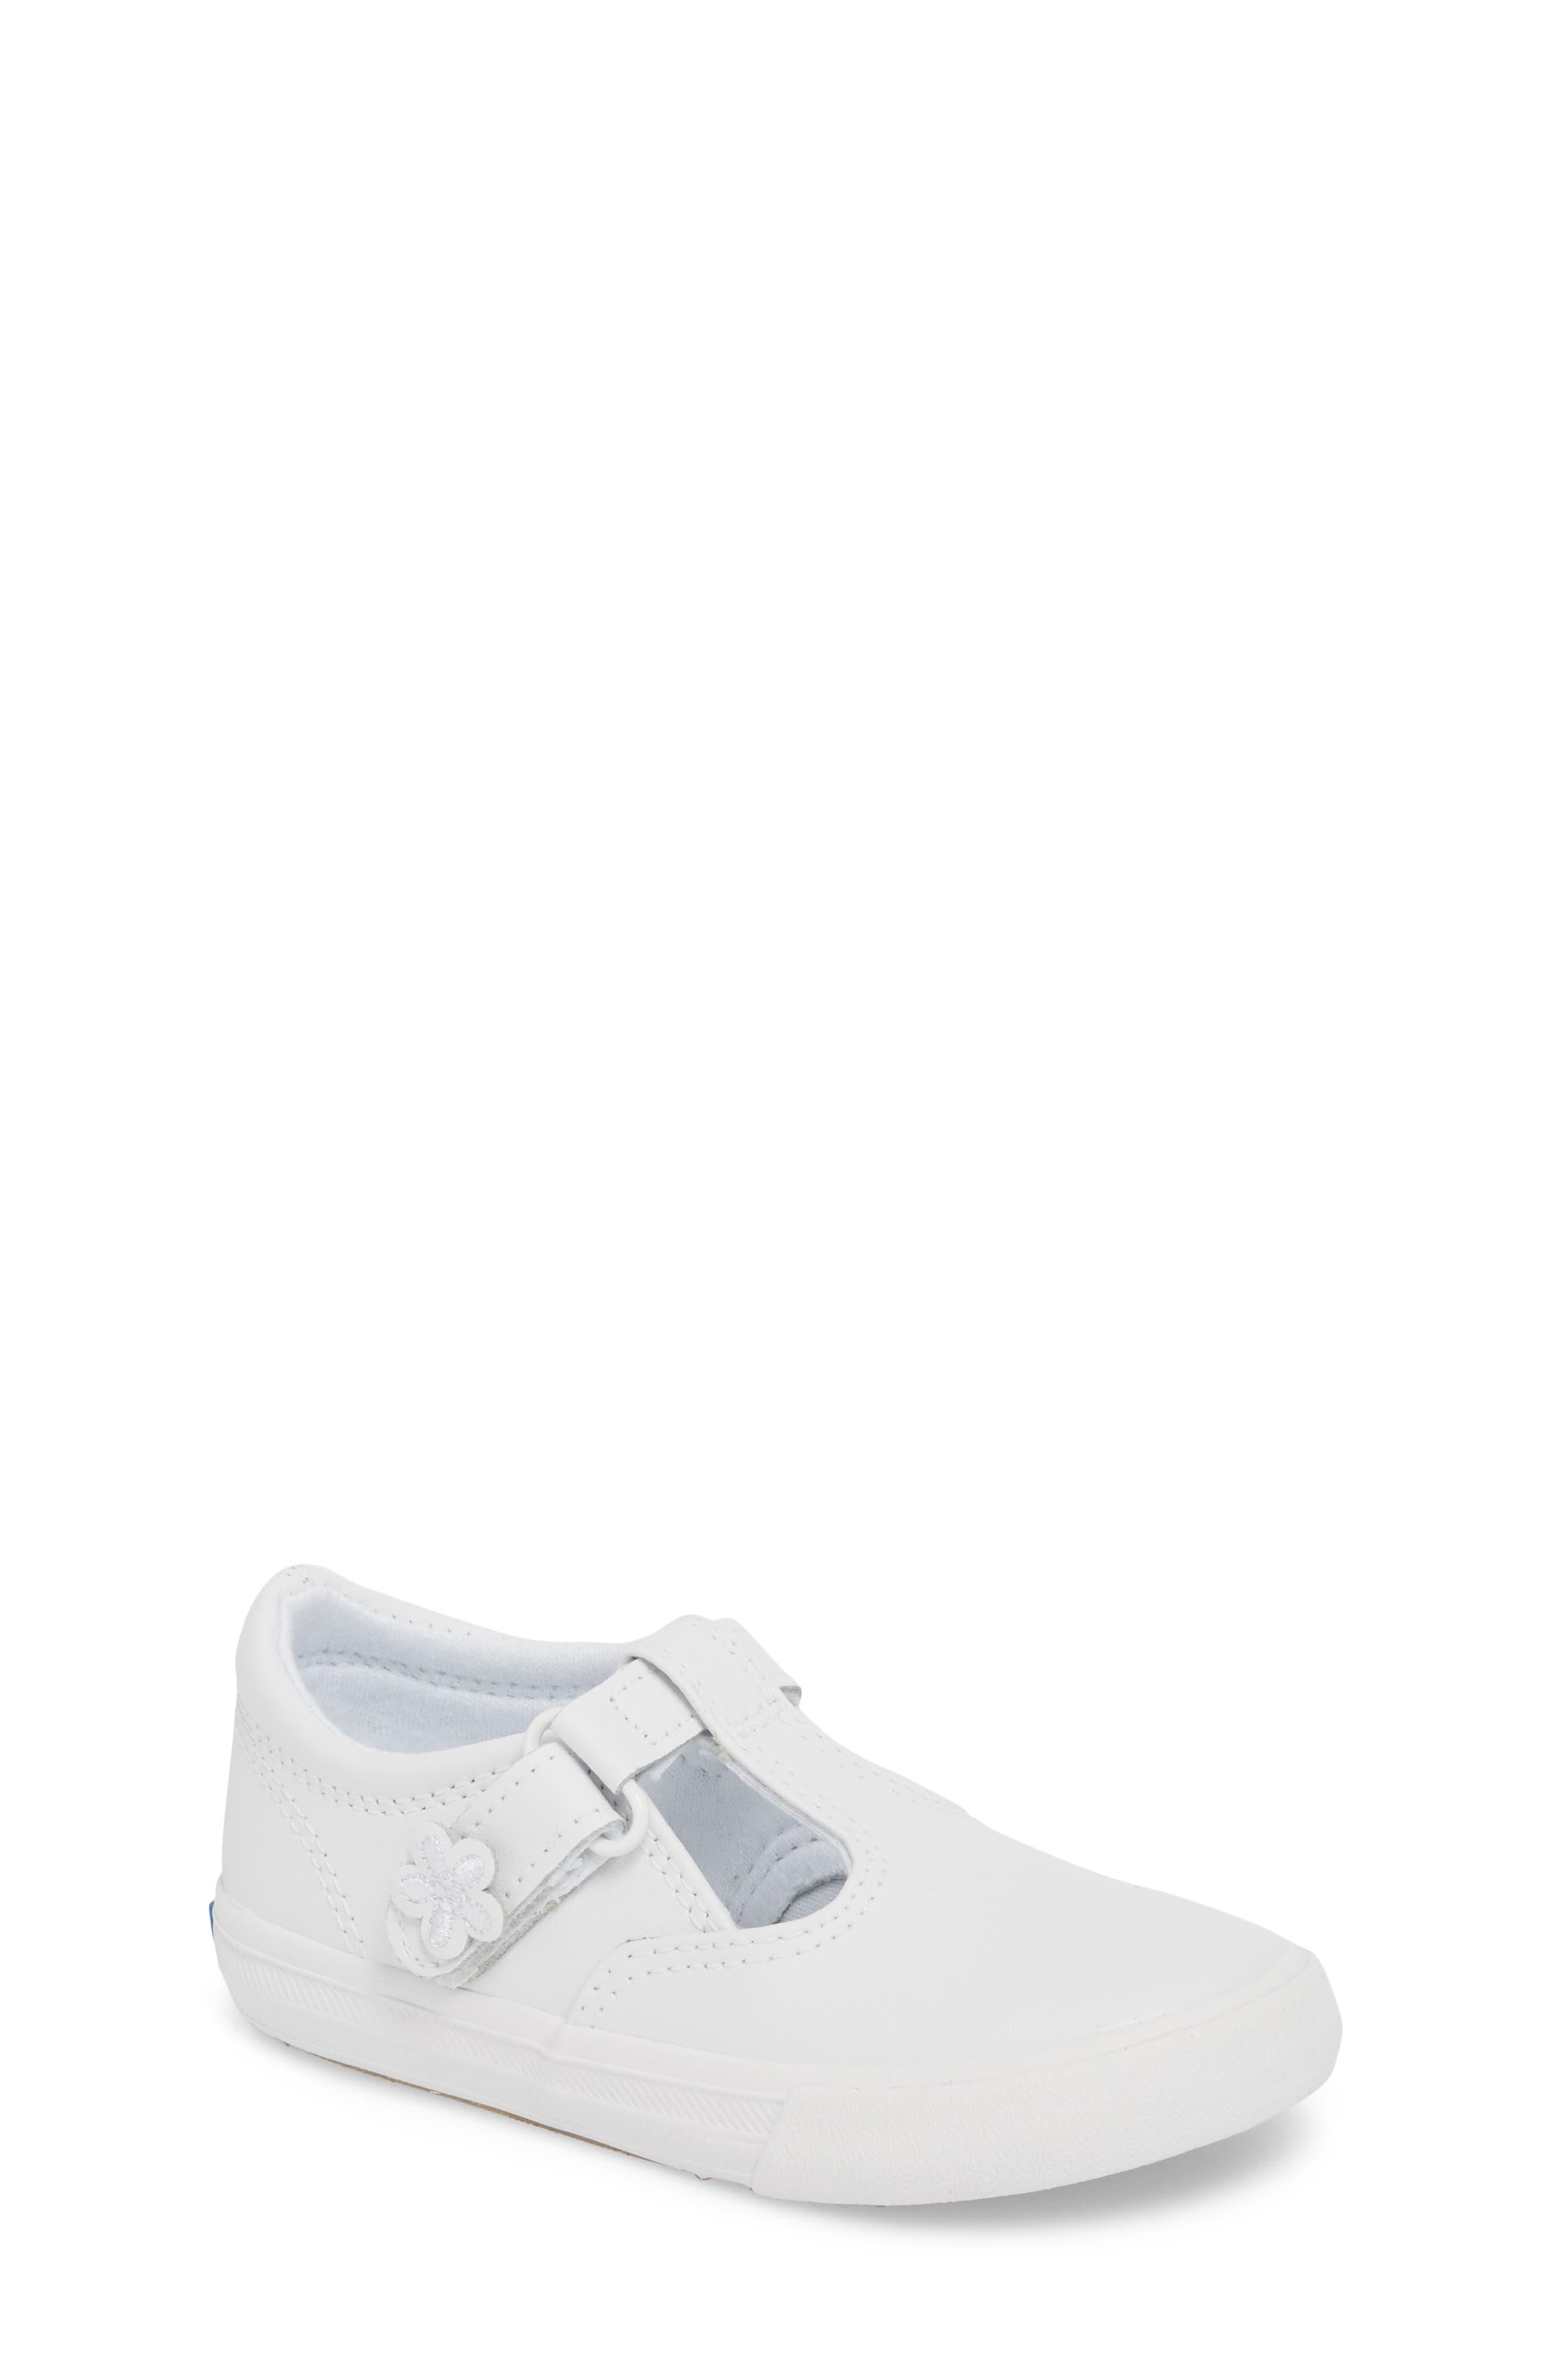 Infant Girls Keds Daphne TStrap Sneaker Size 4 M  White